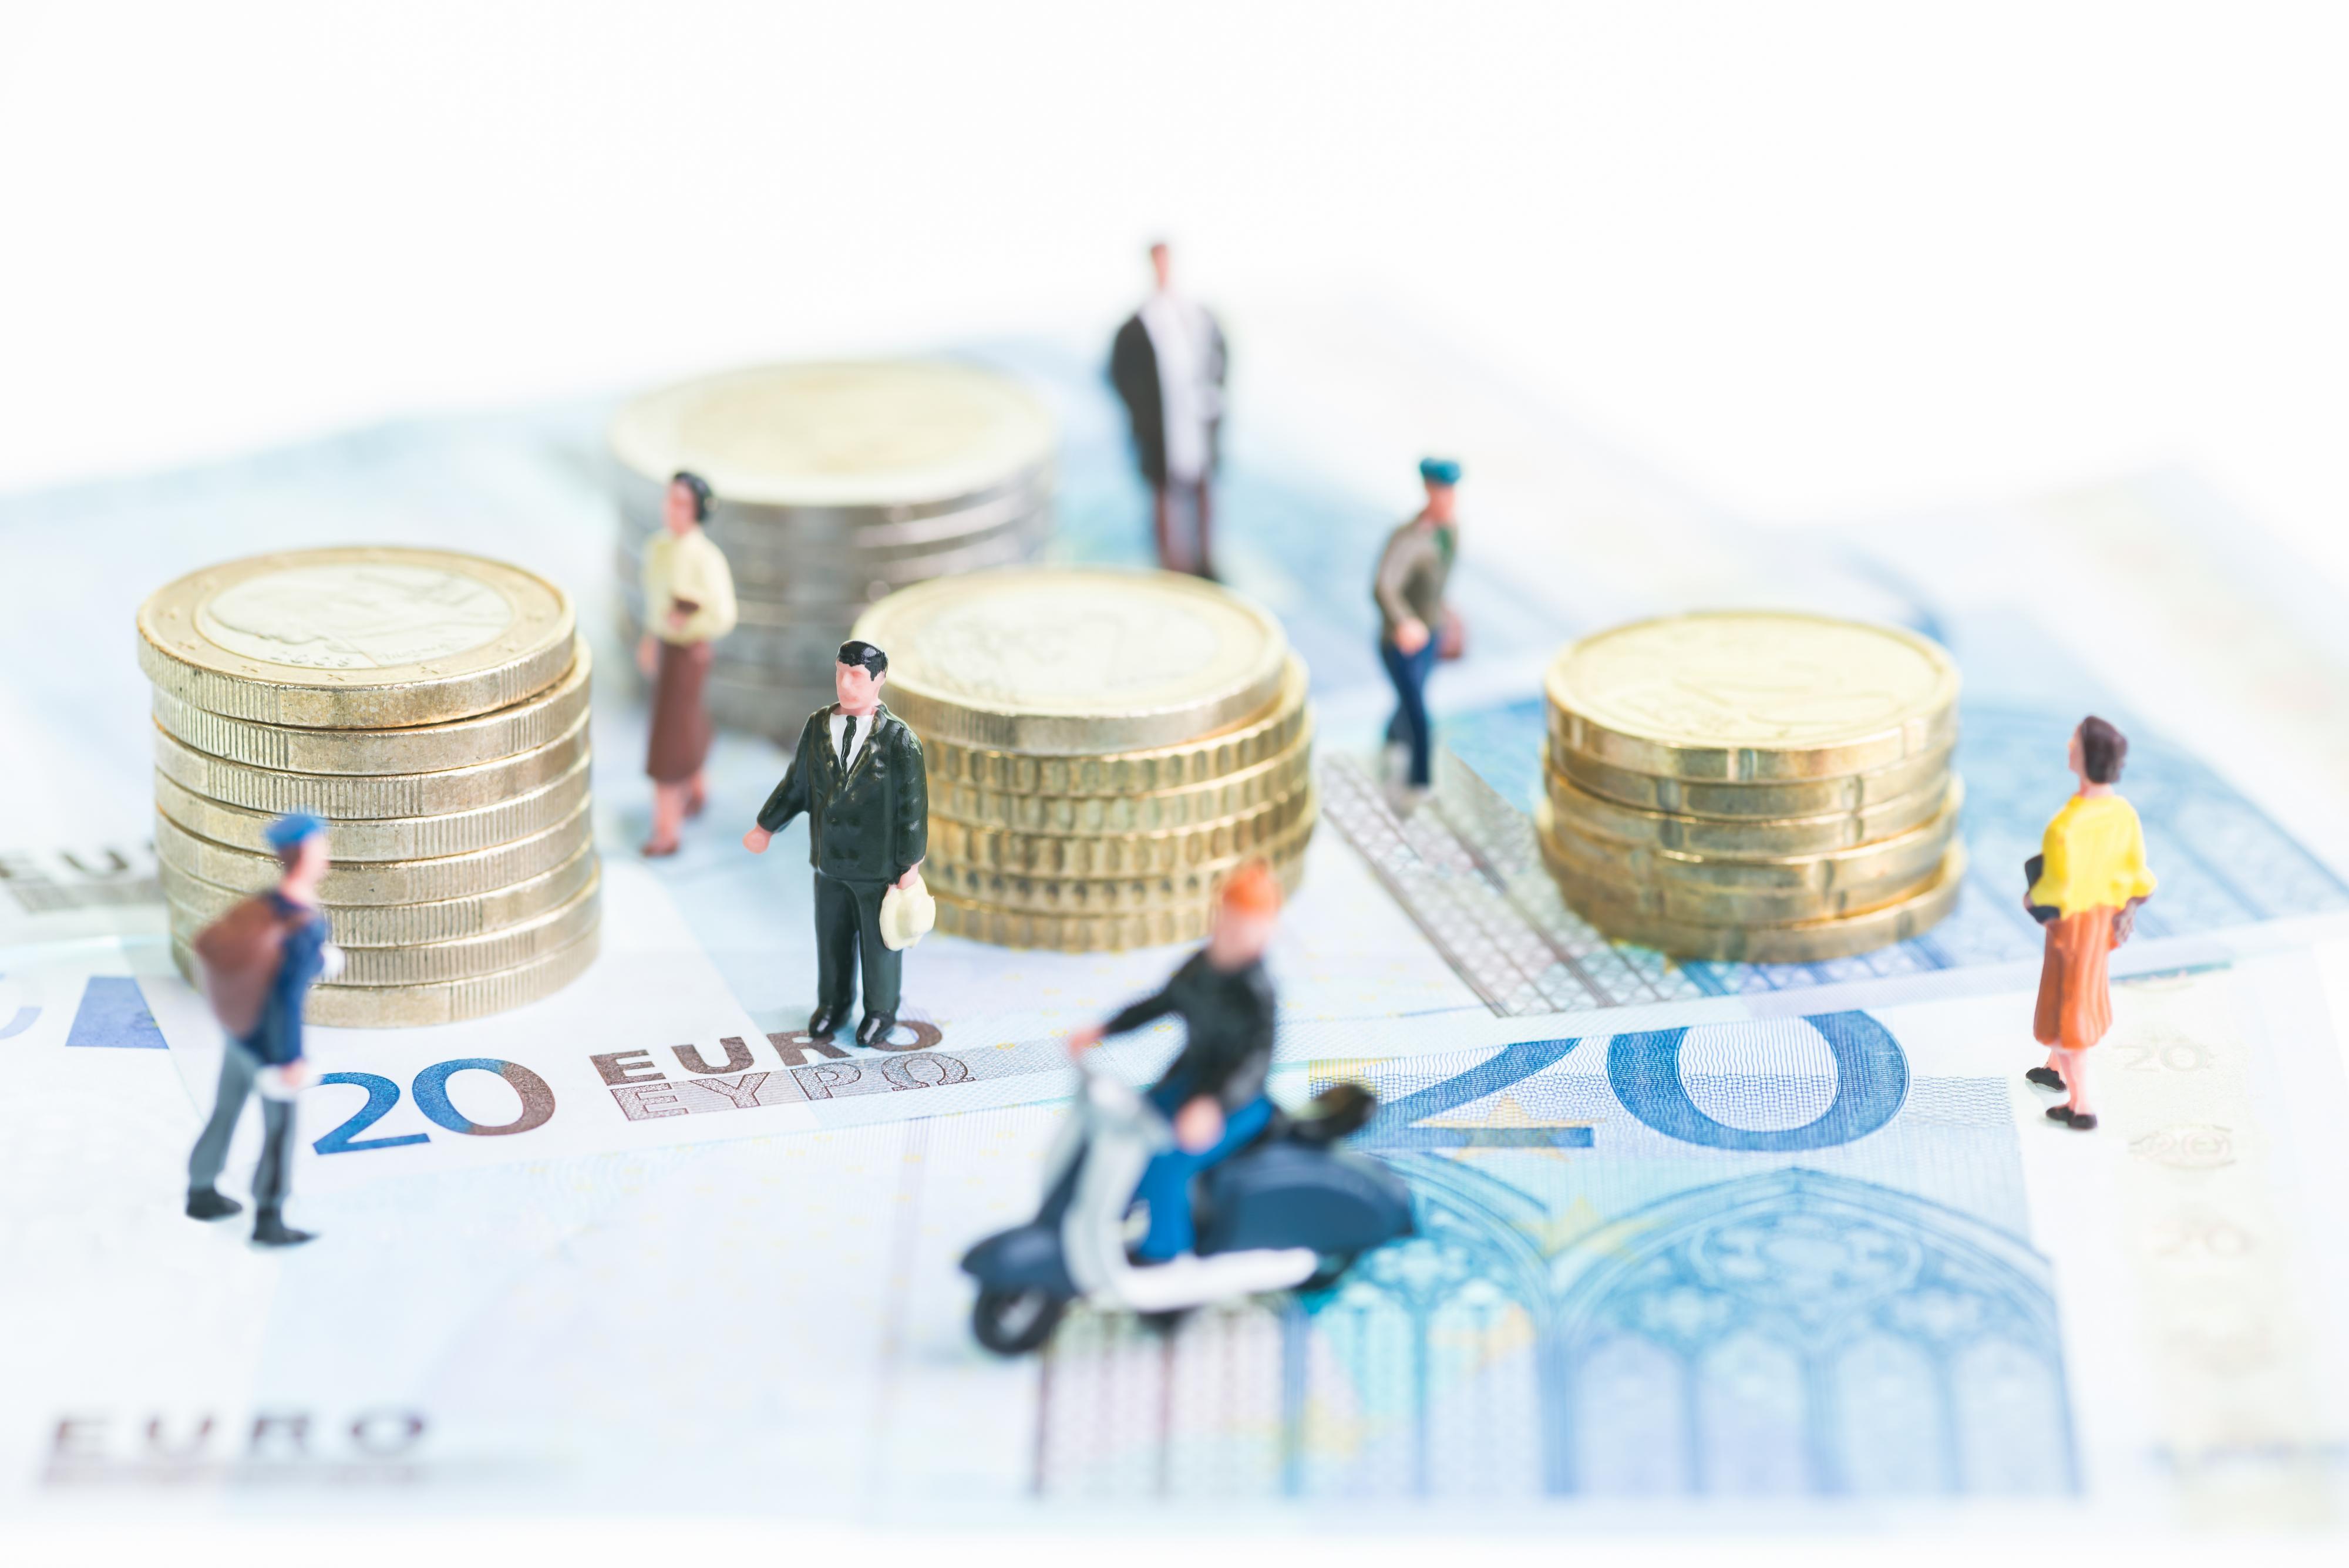 Minikokoisia ihmishahmoja euroseteleiden ja -kolikoiden keskellä